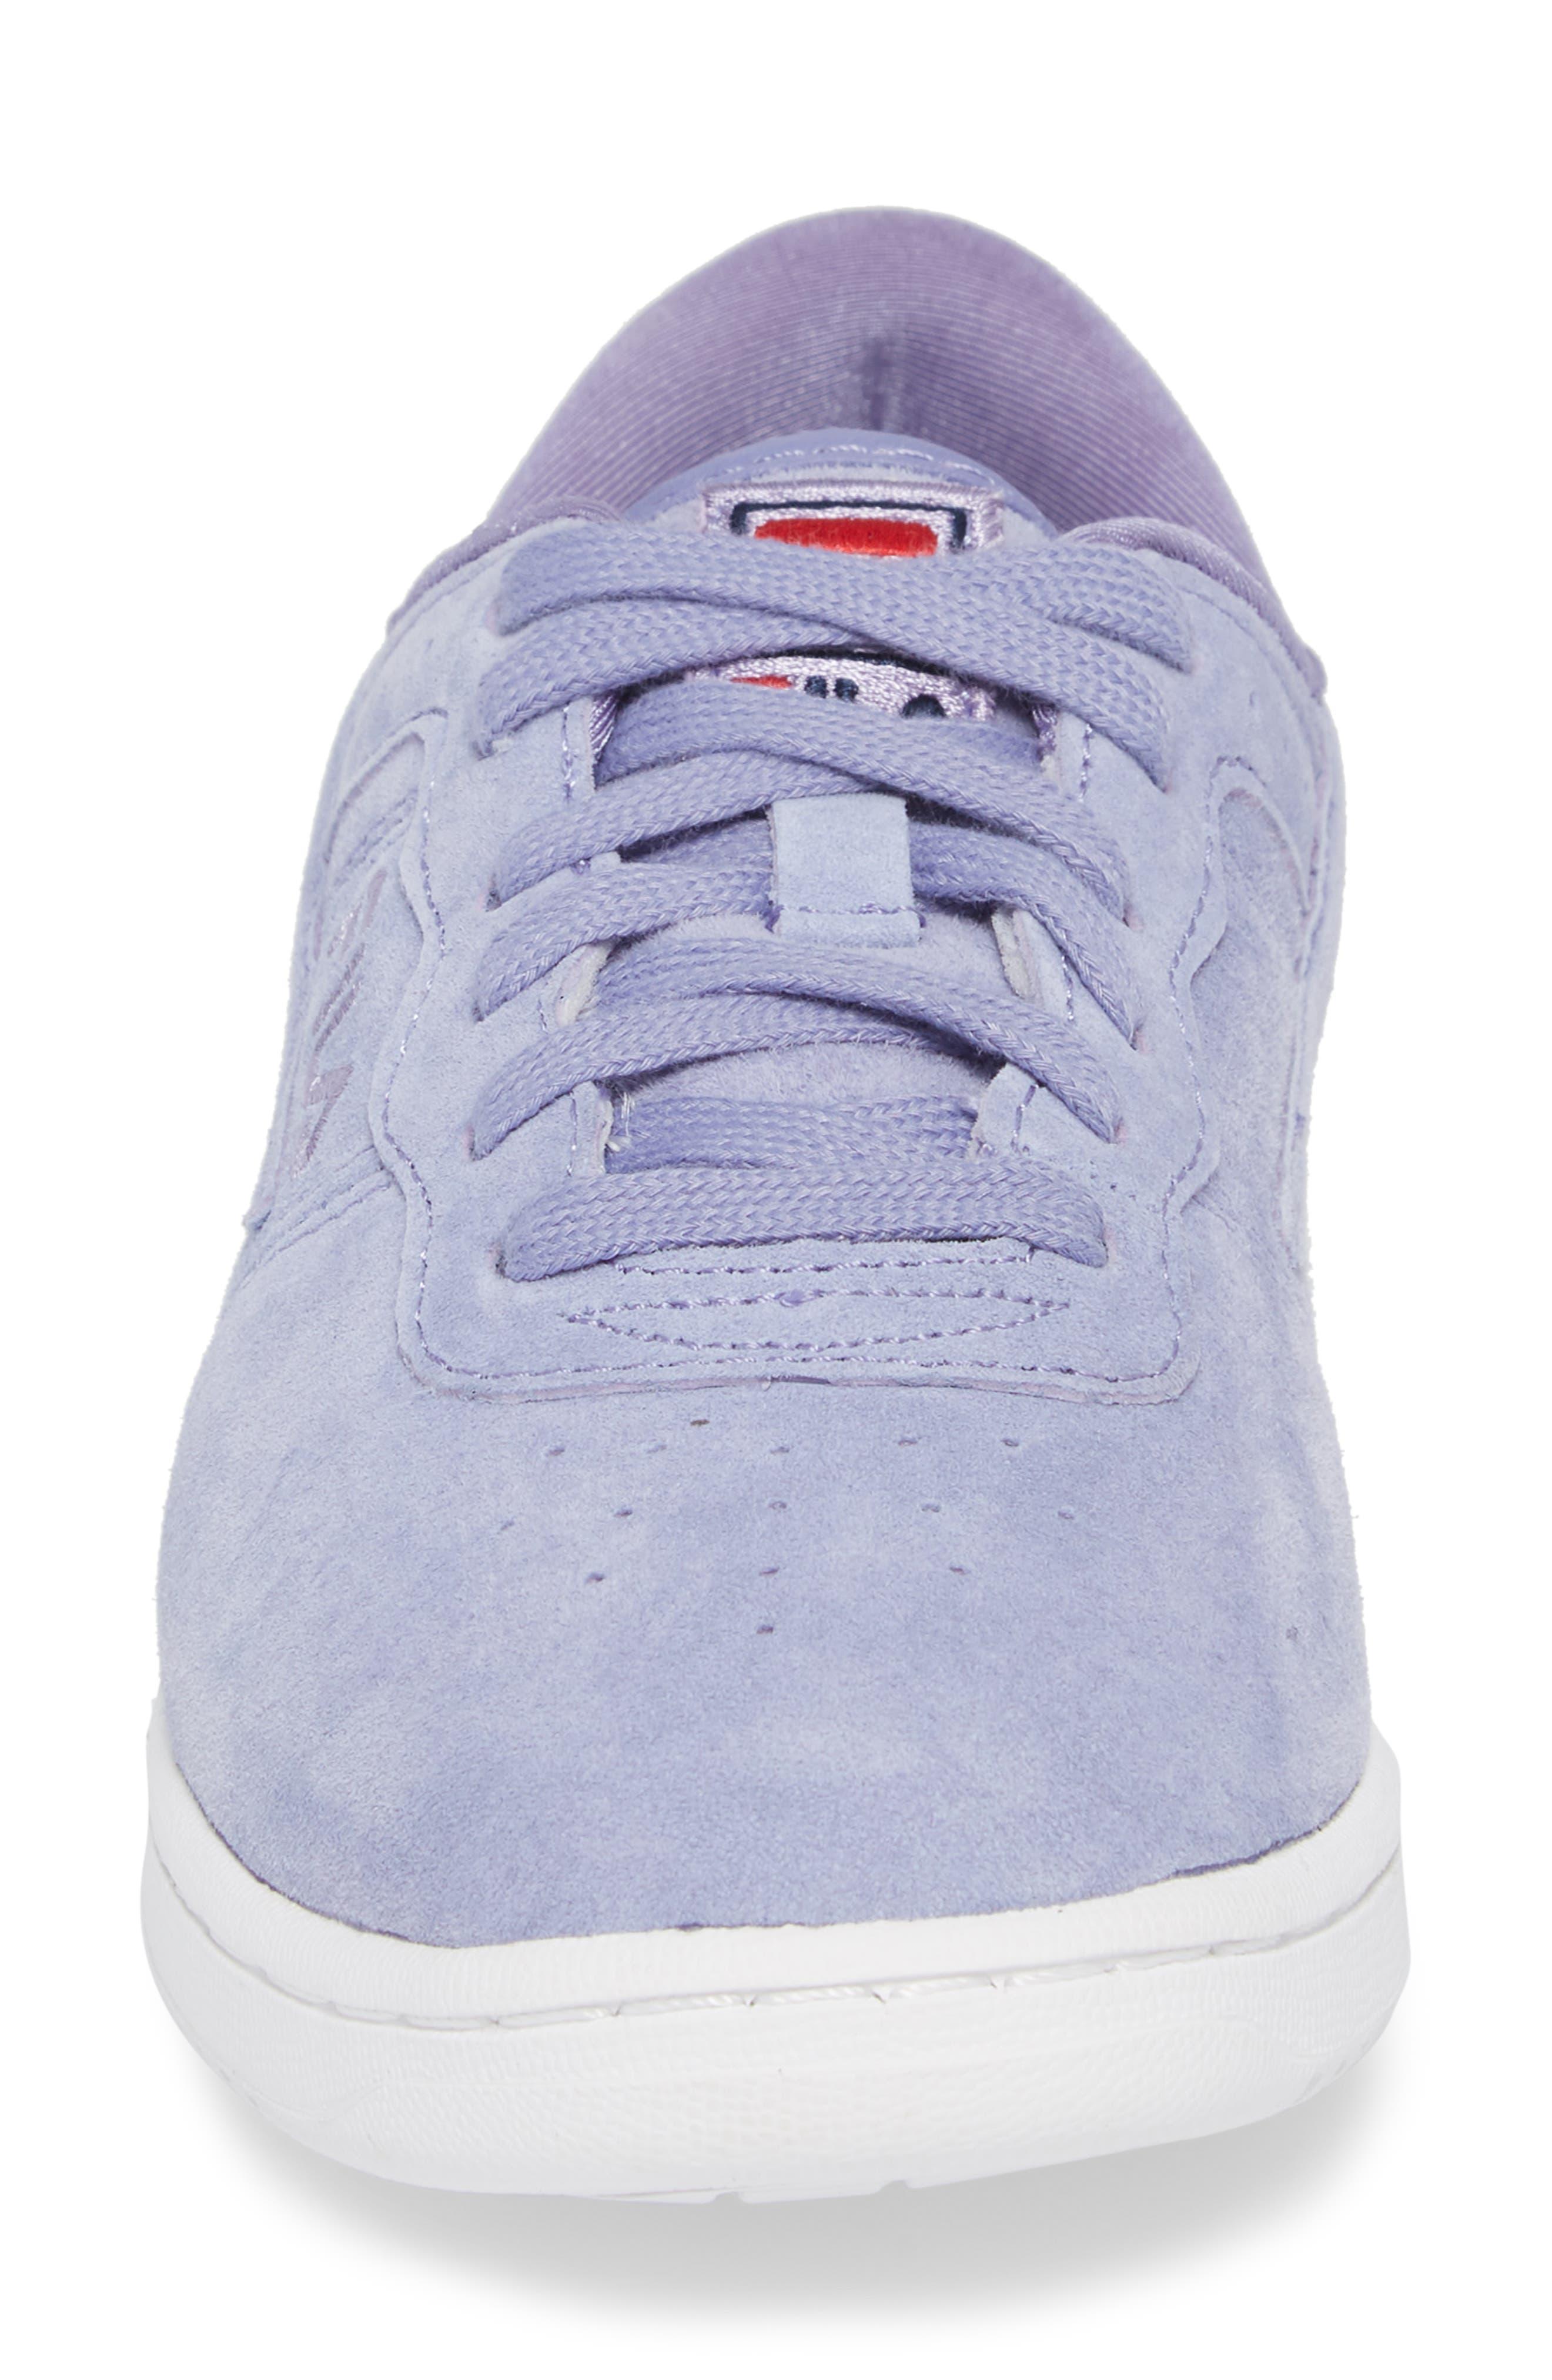 Original Fitness Premium Sneaker,                             Alternate thumbnail 4, color,                             SLAV/ SLAV/ WHT